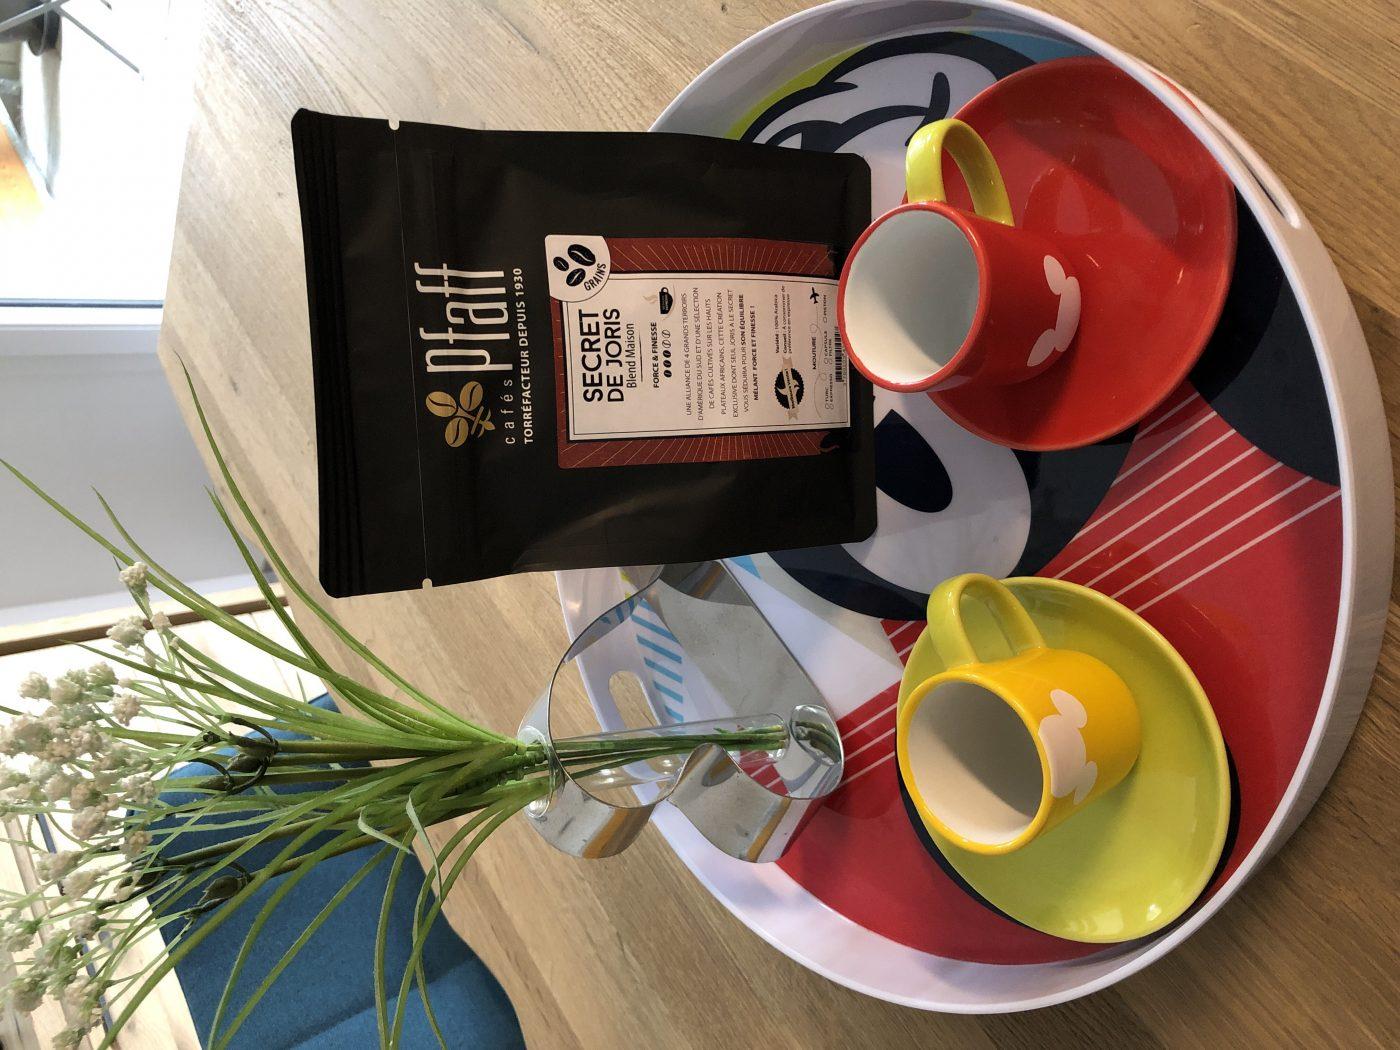 J'ai testé pour vous pFAFF CAFÉ SECRET DE JORIS BLEND MAISOB